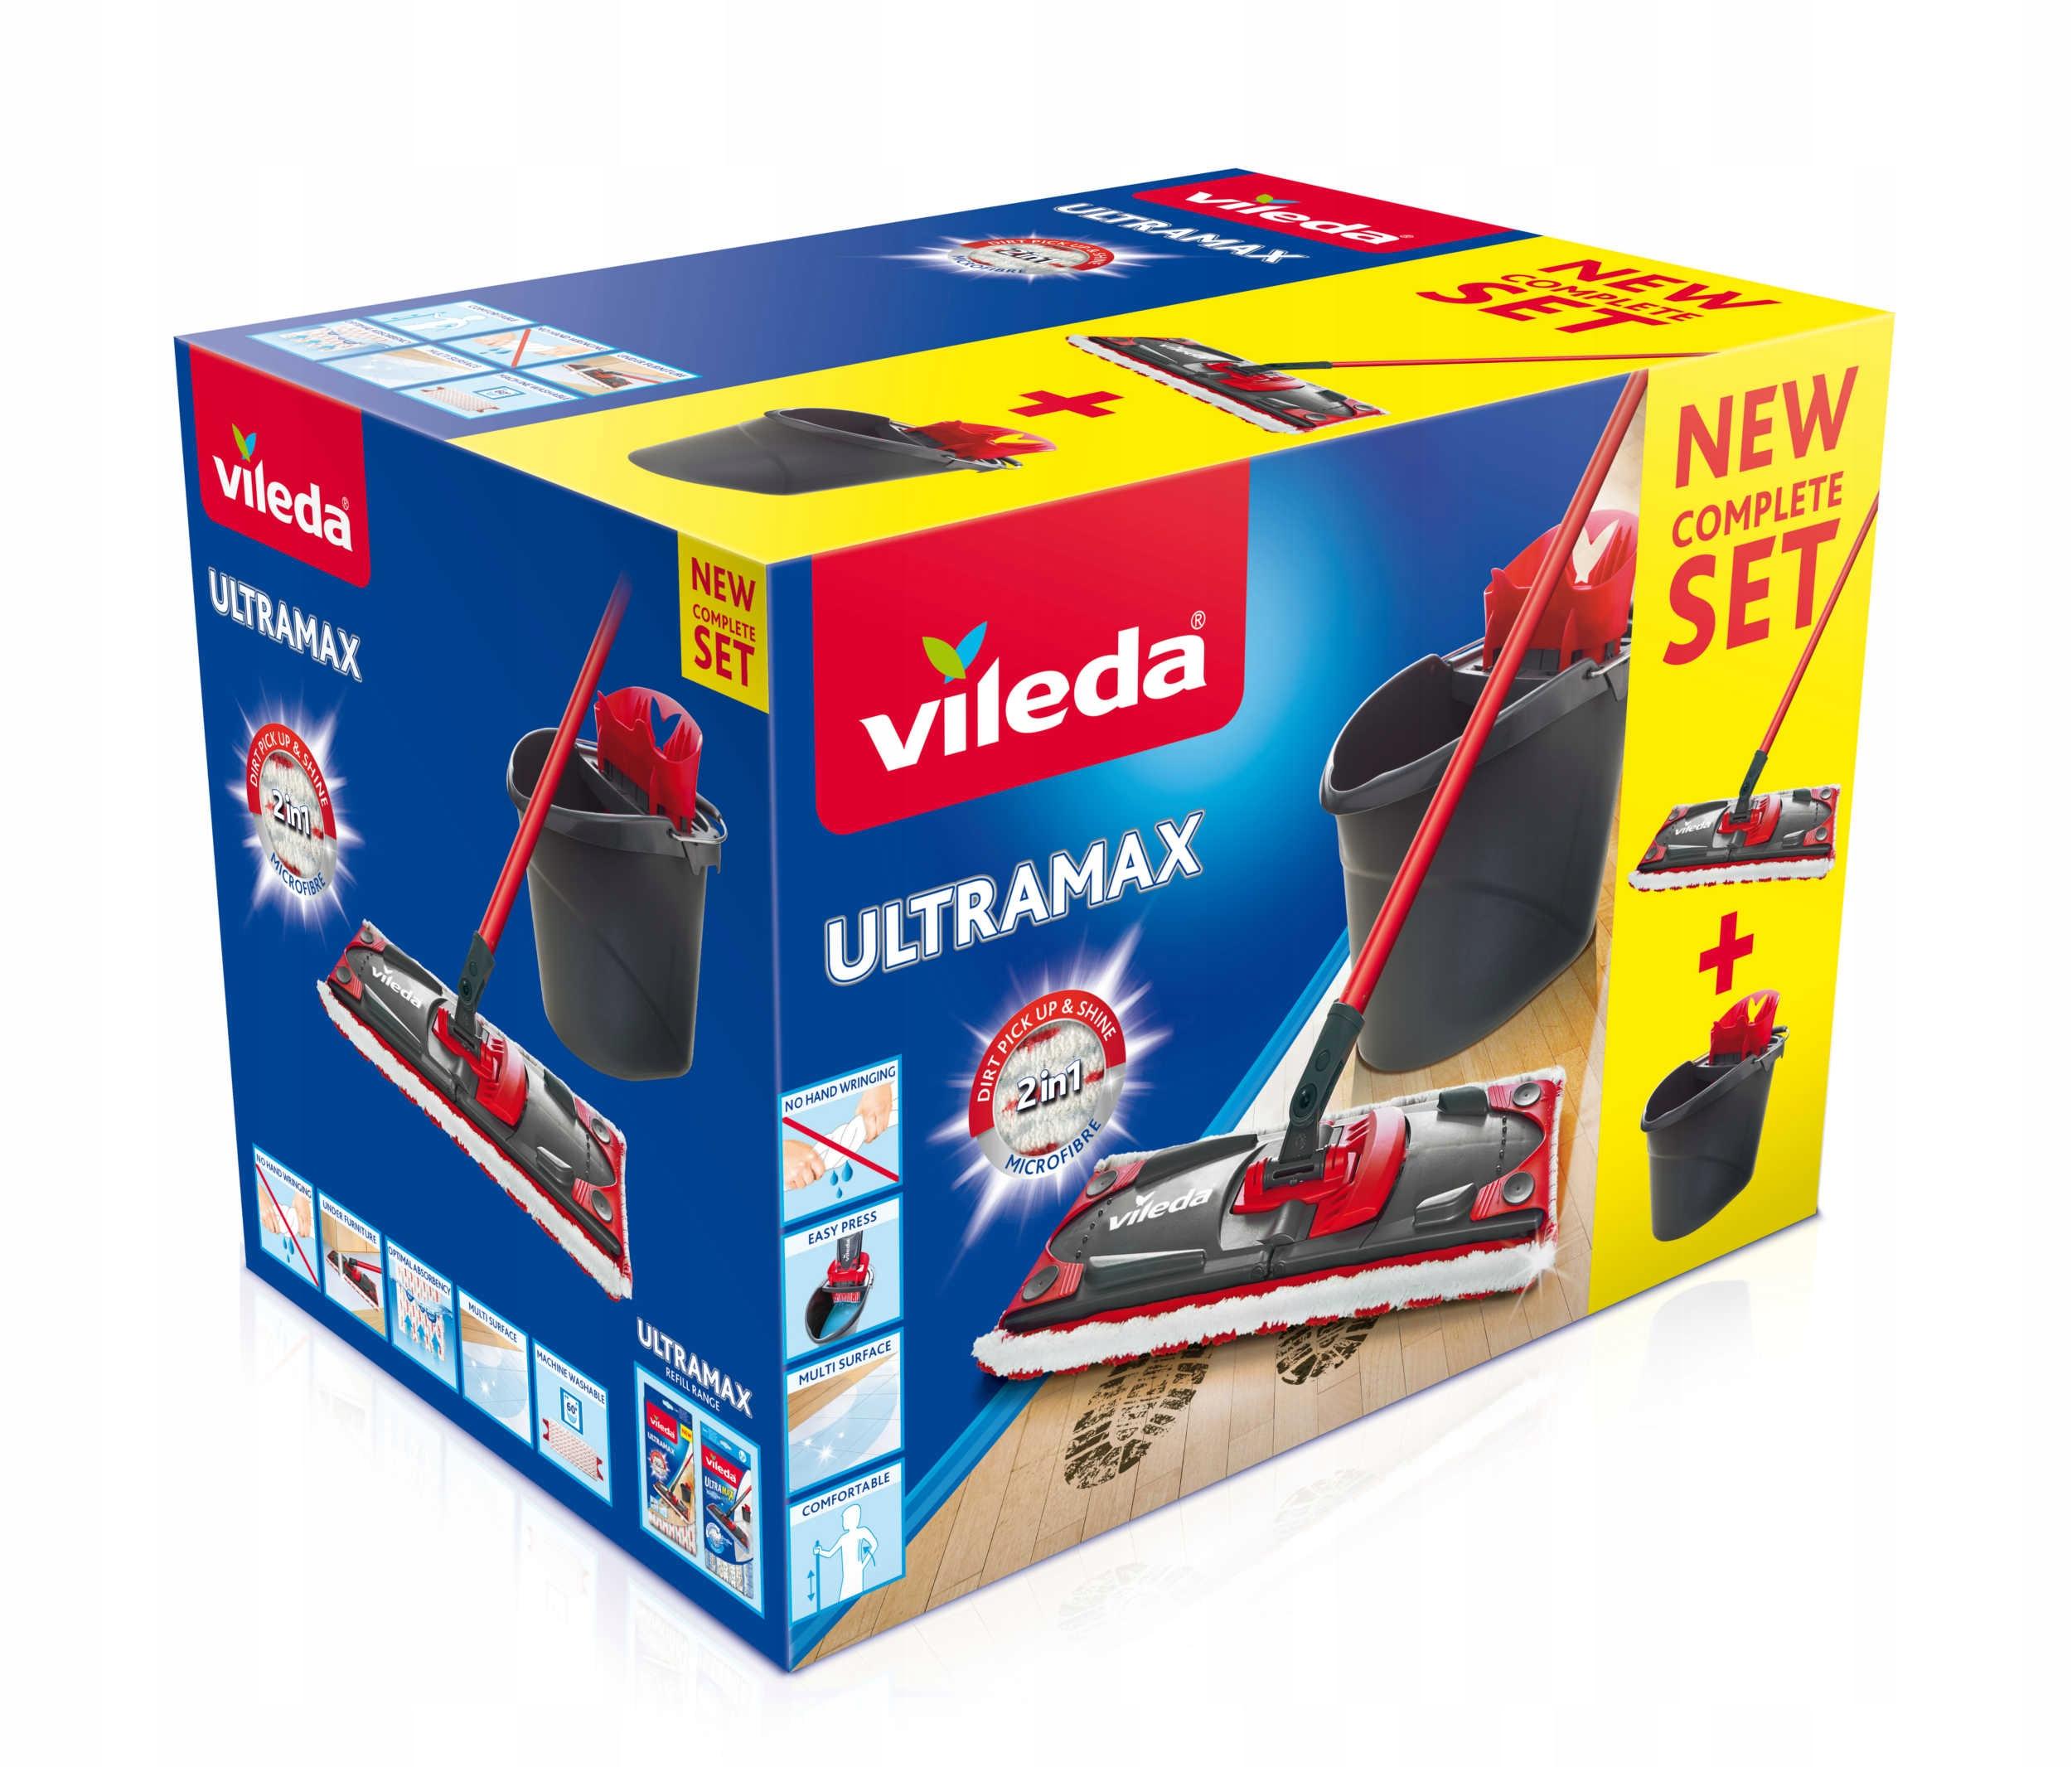 Vileda Set Mop Ultramax 2in1 Коробка с ведром